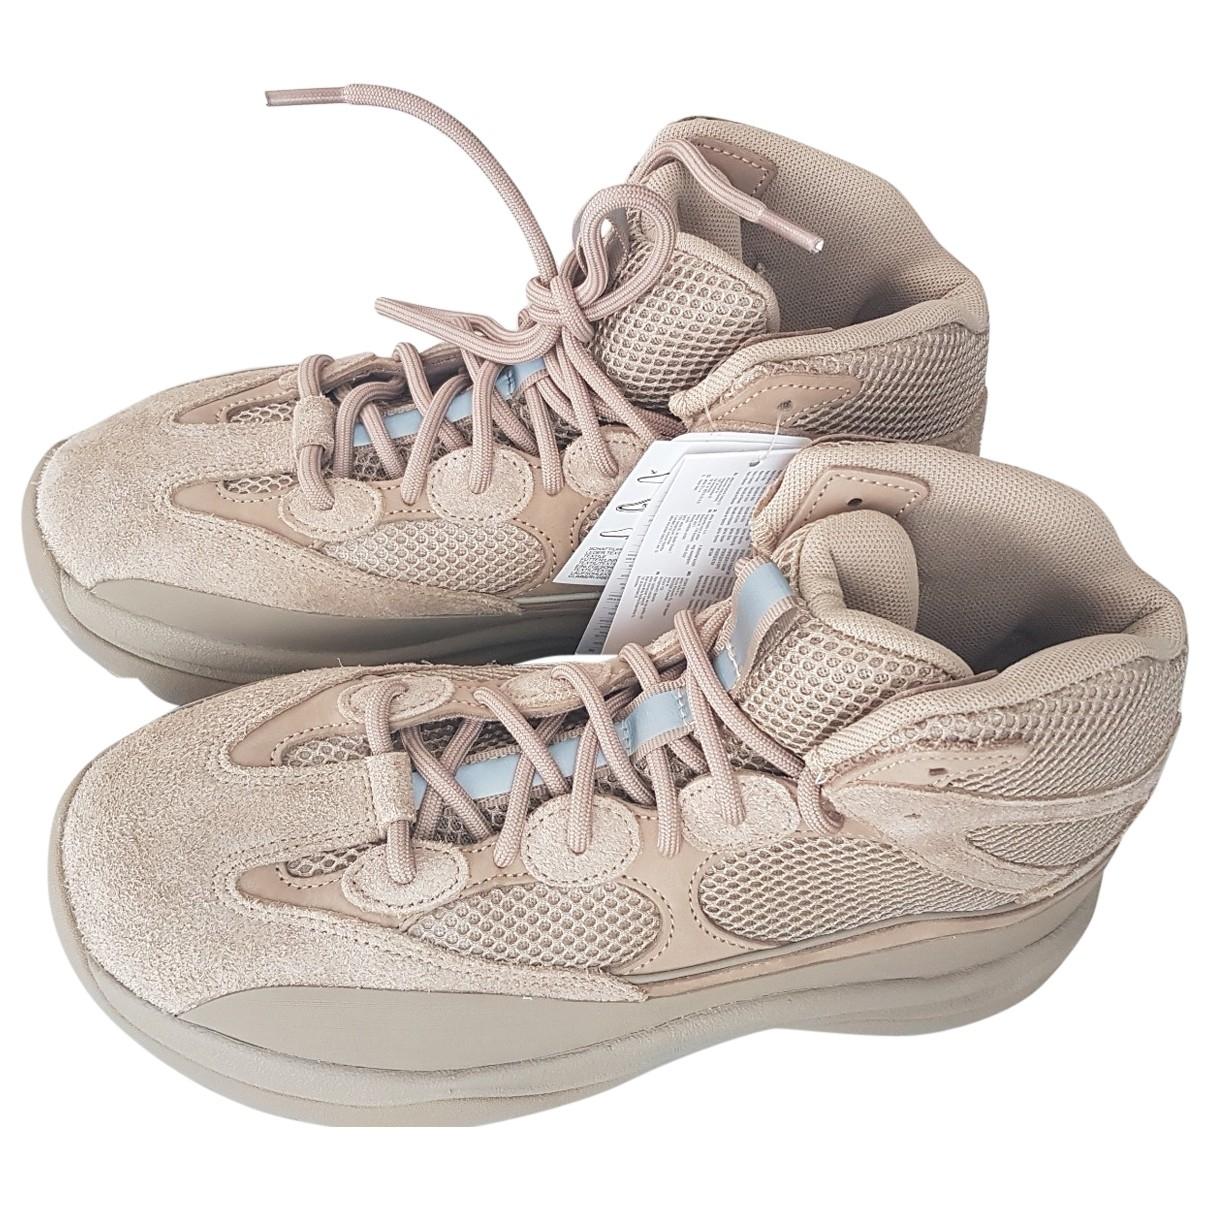 Yeezy X Adidas - Baskets   pour homme en toile - beige